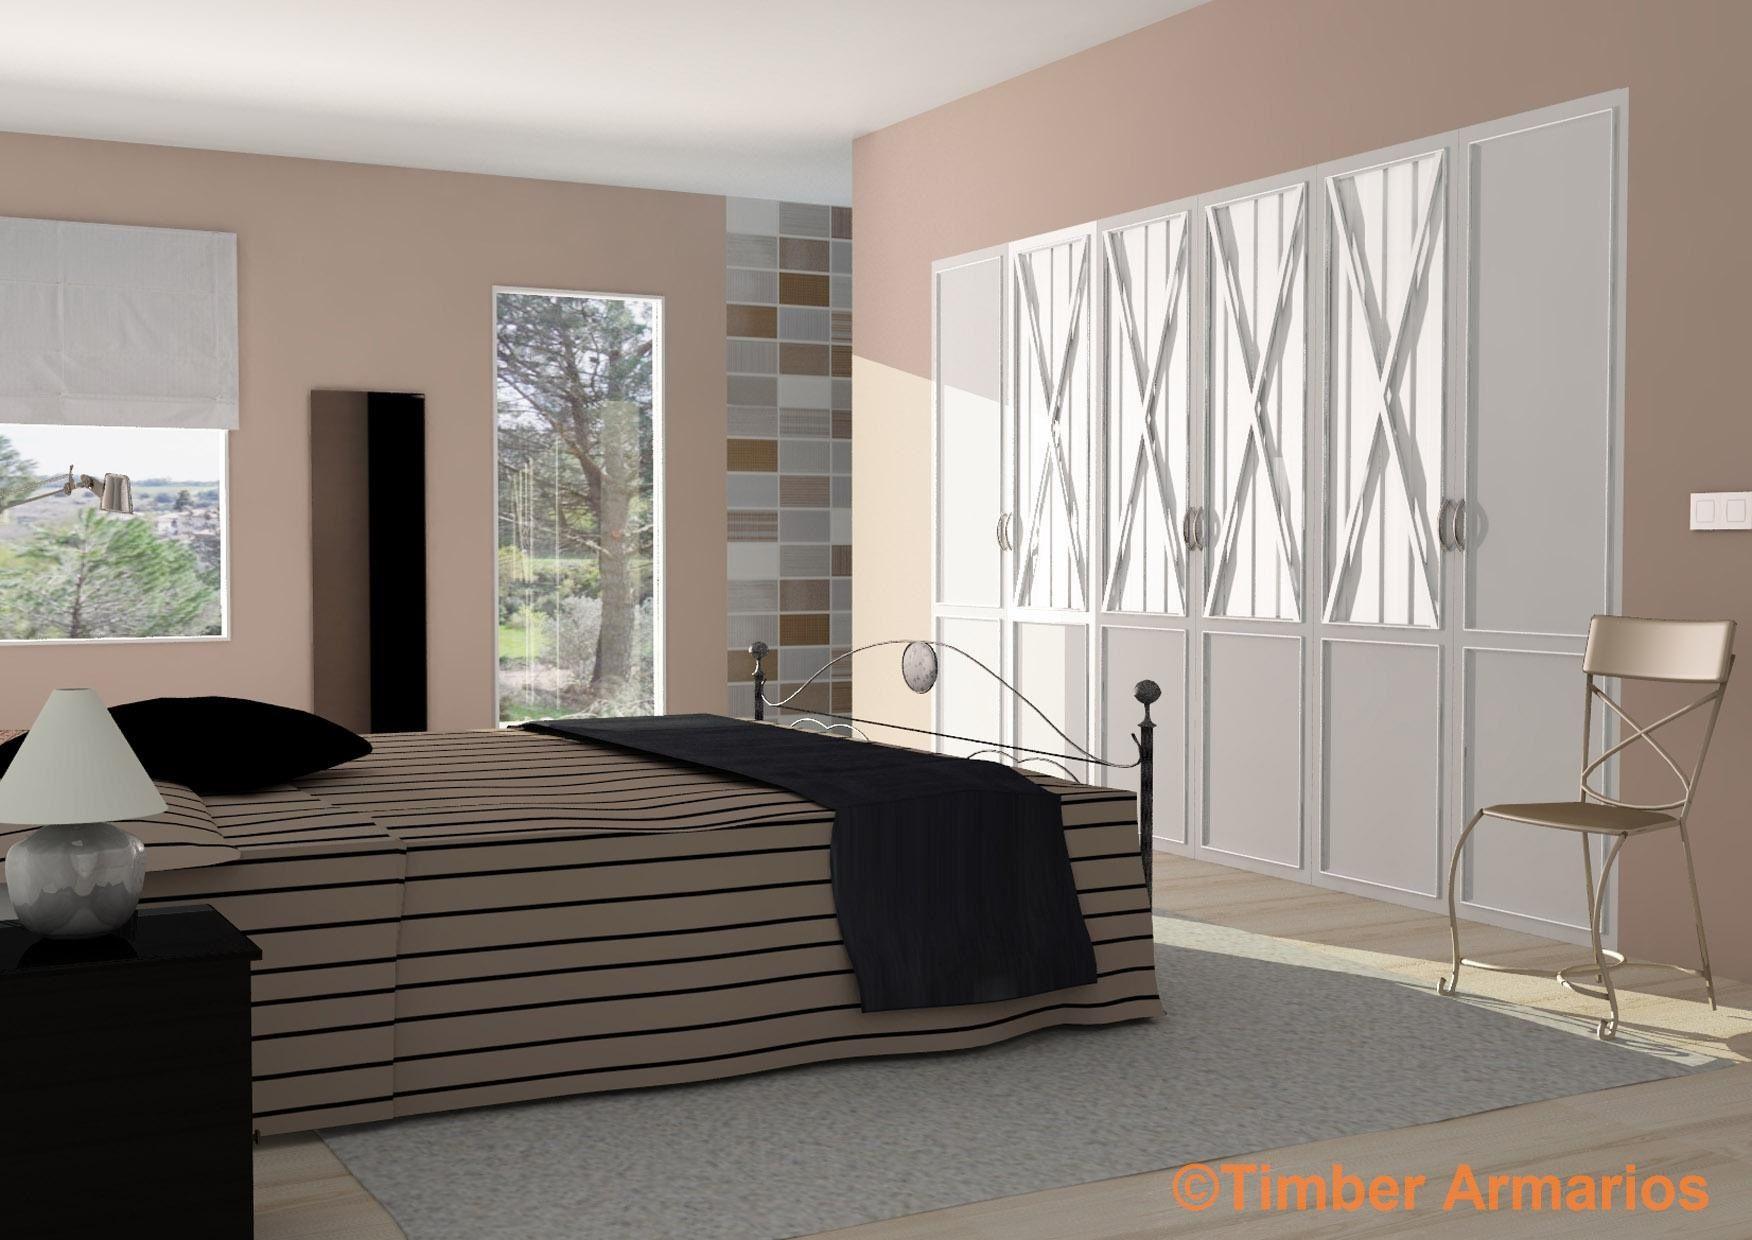 Armarios empotrados dormitorios matrimonio gallery of dormitorio de matrimonio errores comunes - Dormitorios con armarios empotrados ...